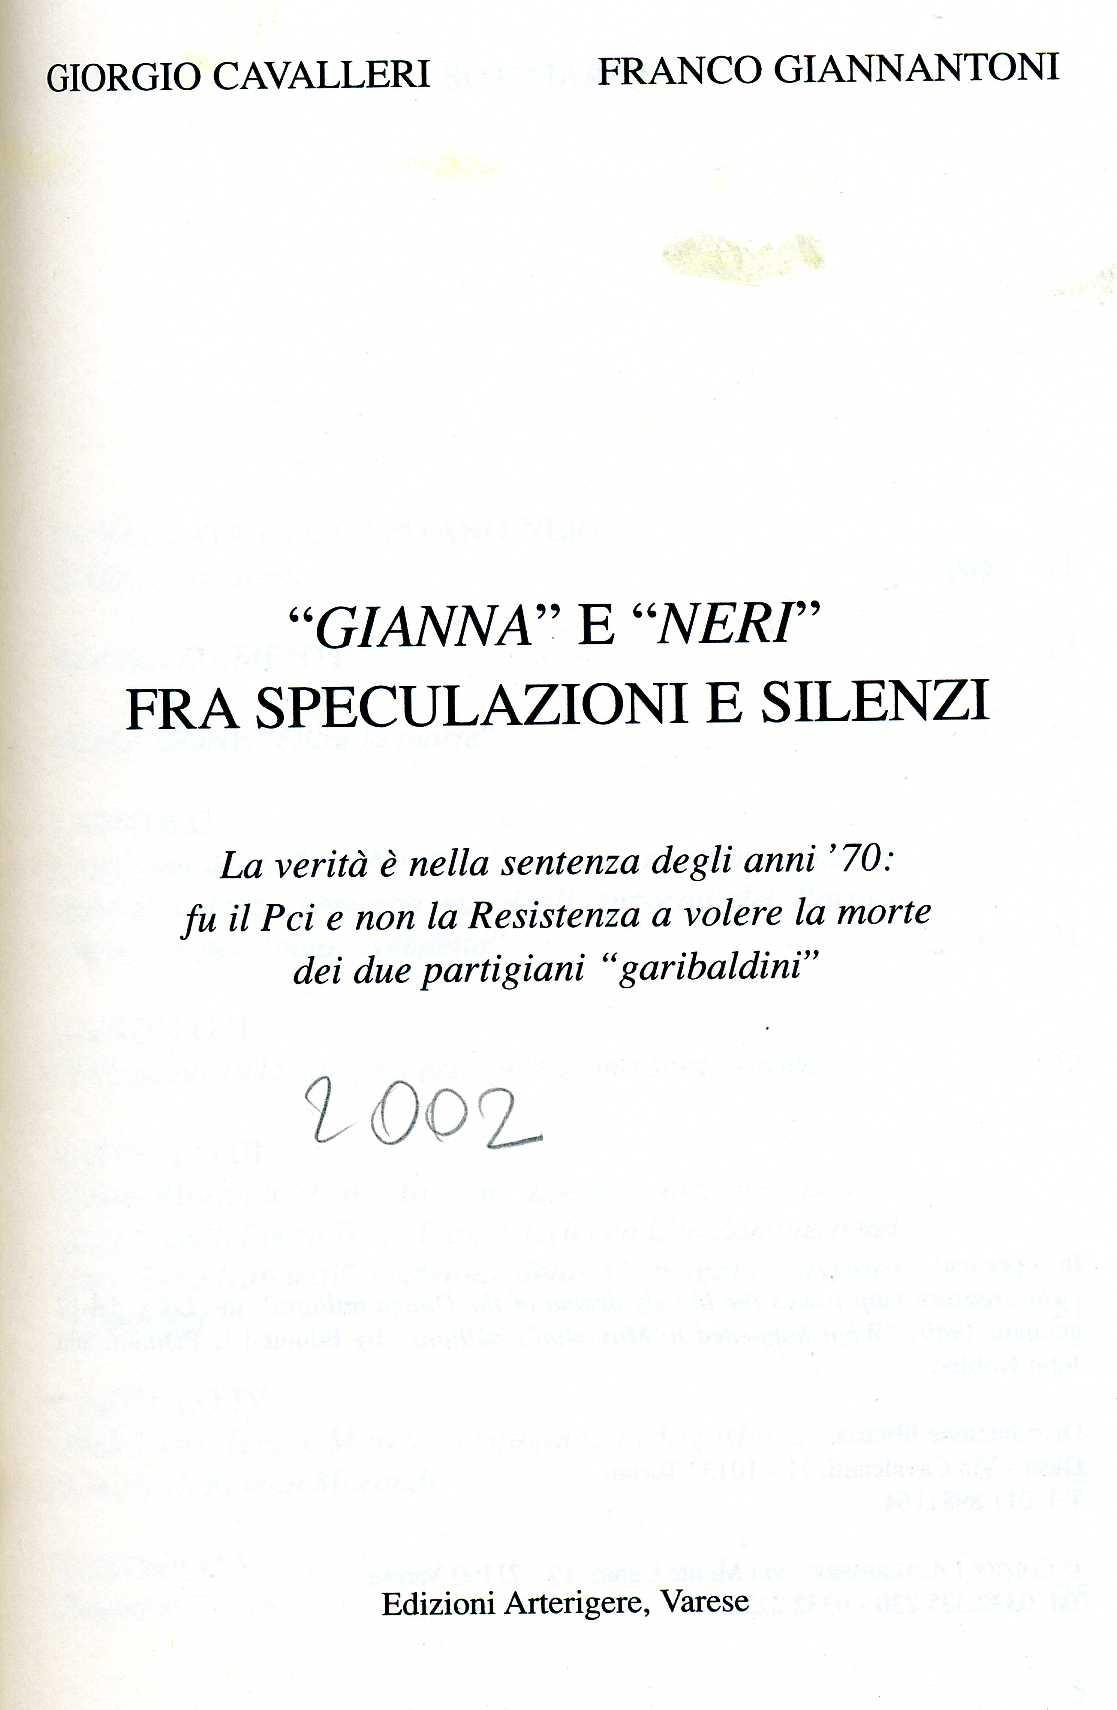 neri1132